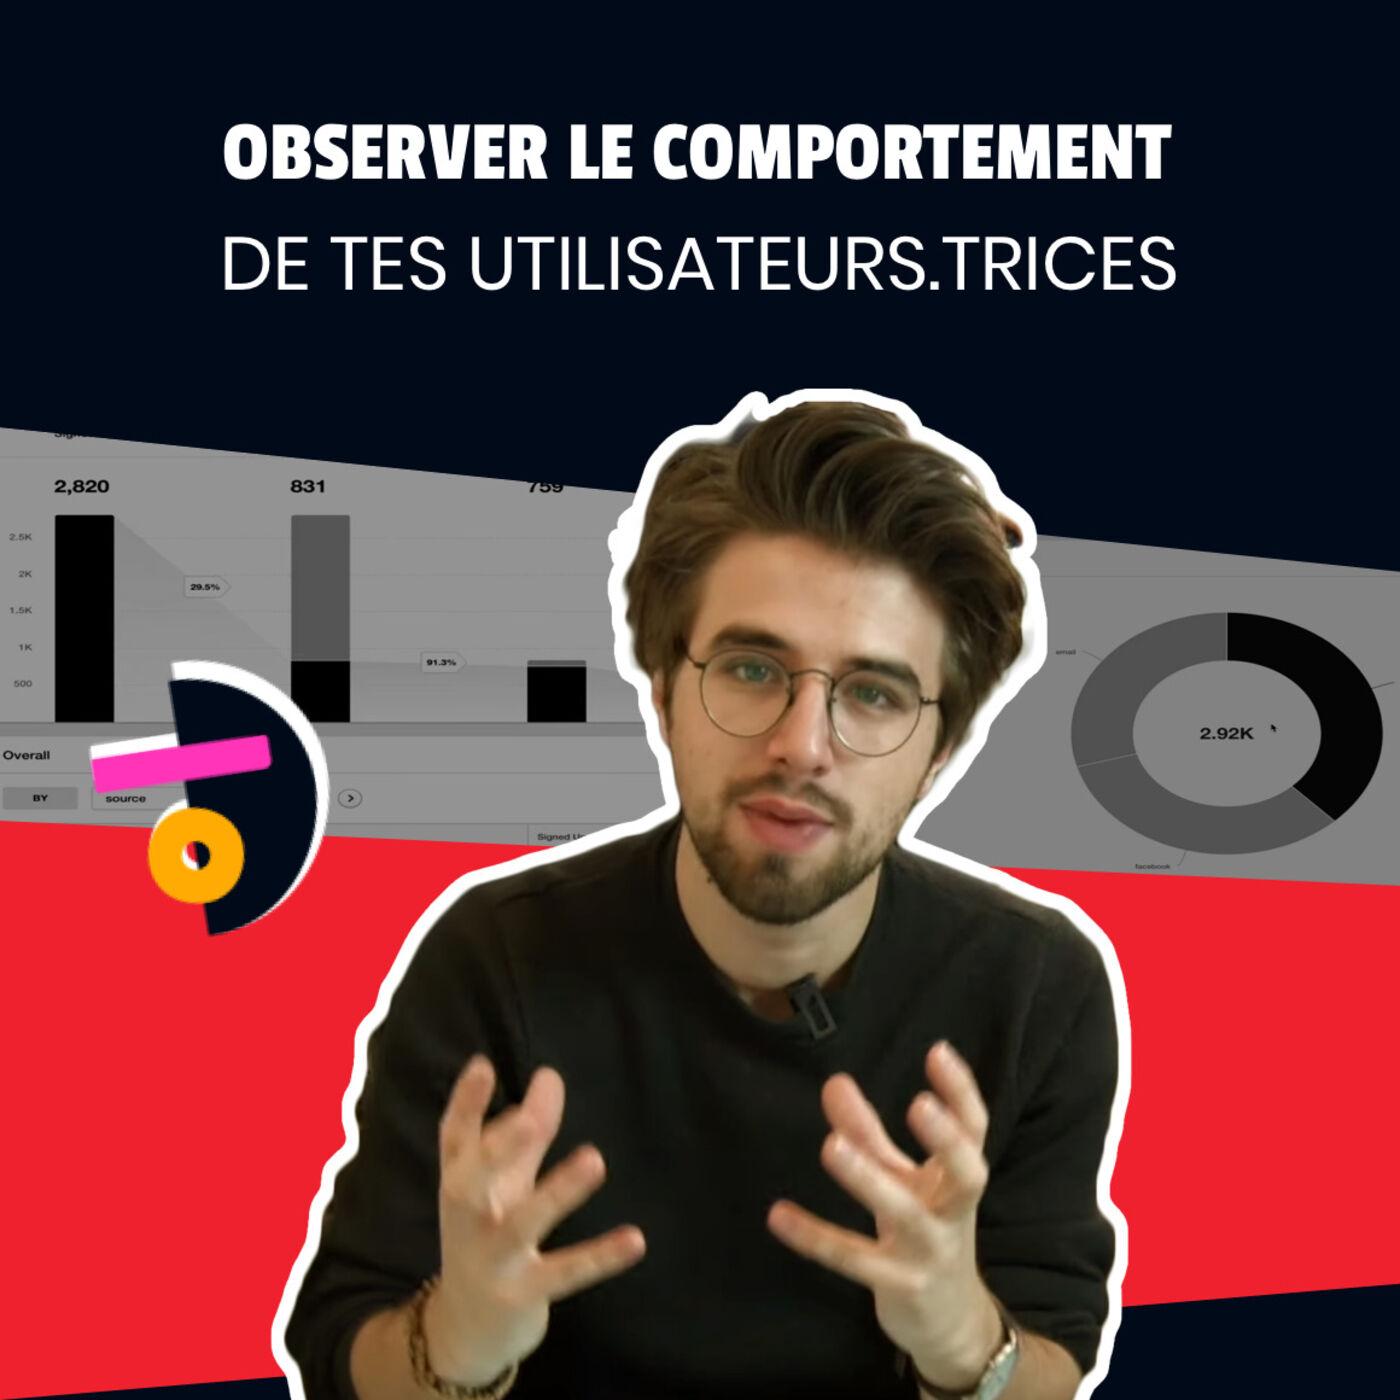 Ep 4 - Observer le comportement de tes utilisateurs.trices I Saison 2 Koudetat Entreprendre